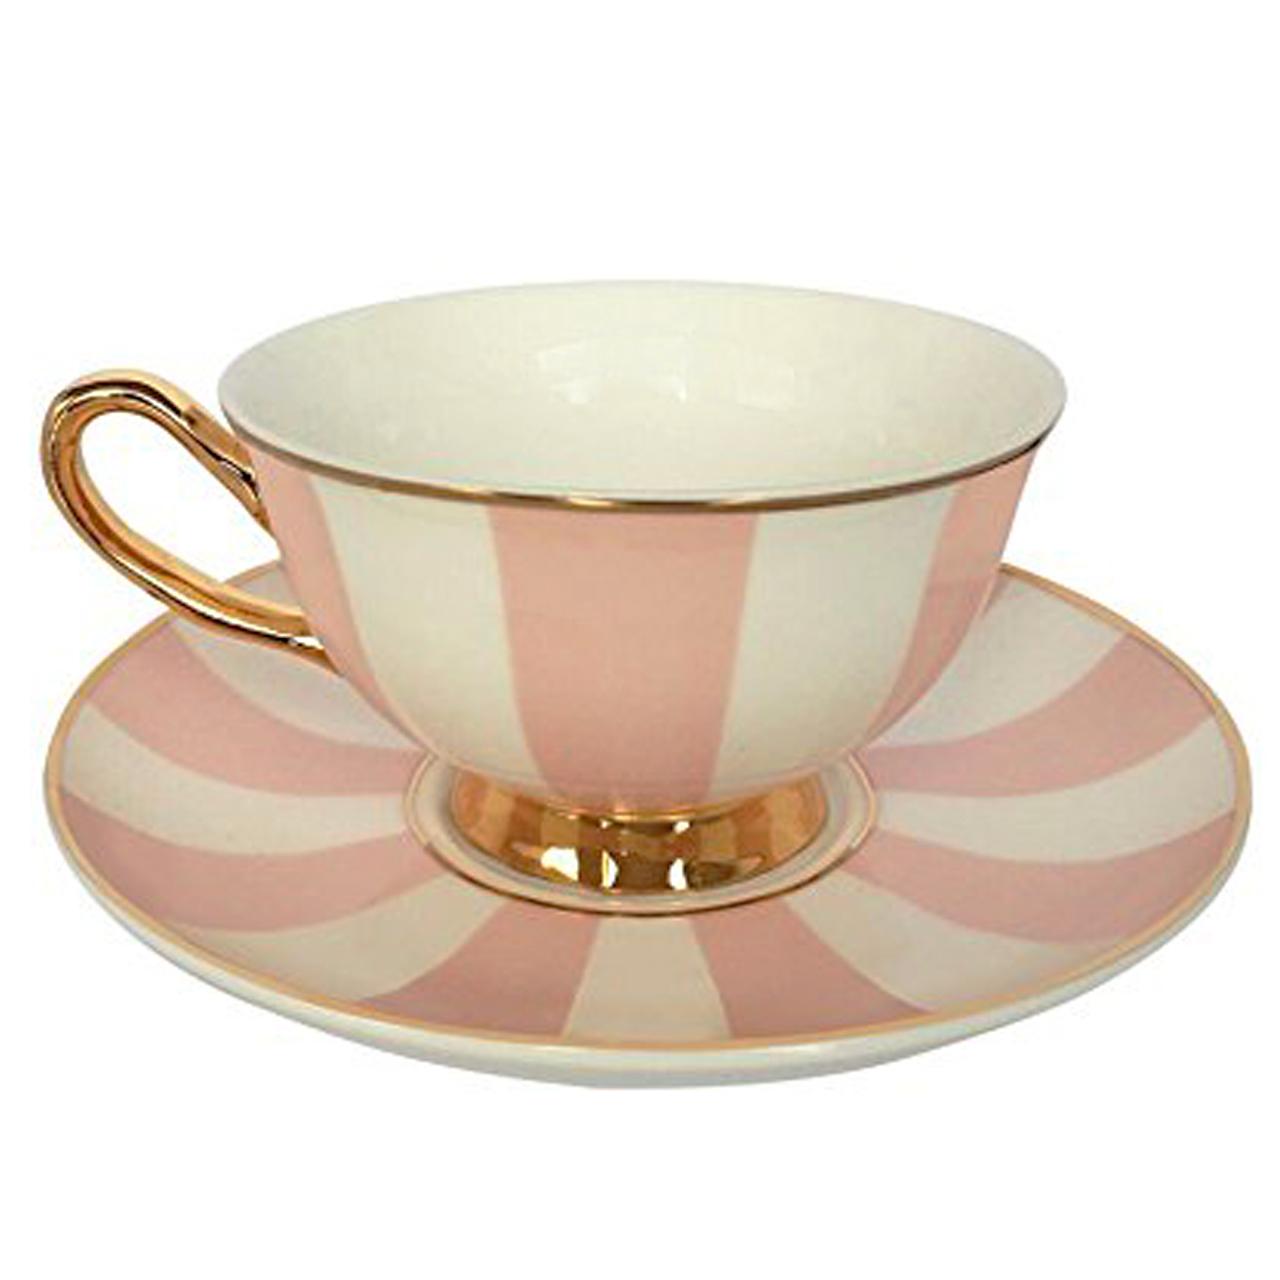 عکس فنجان و نعلبکی بامبی داک مدل Stripy Pink White and Gold